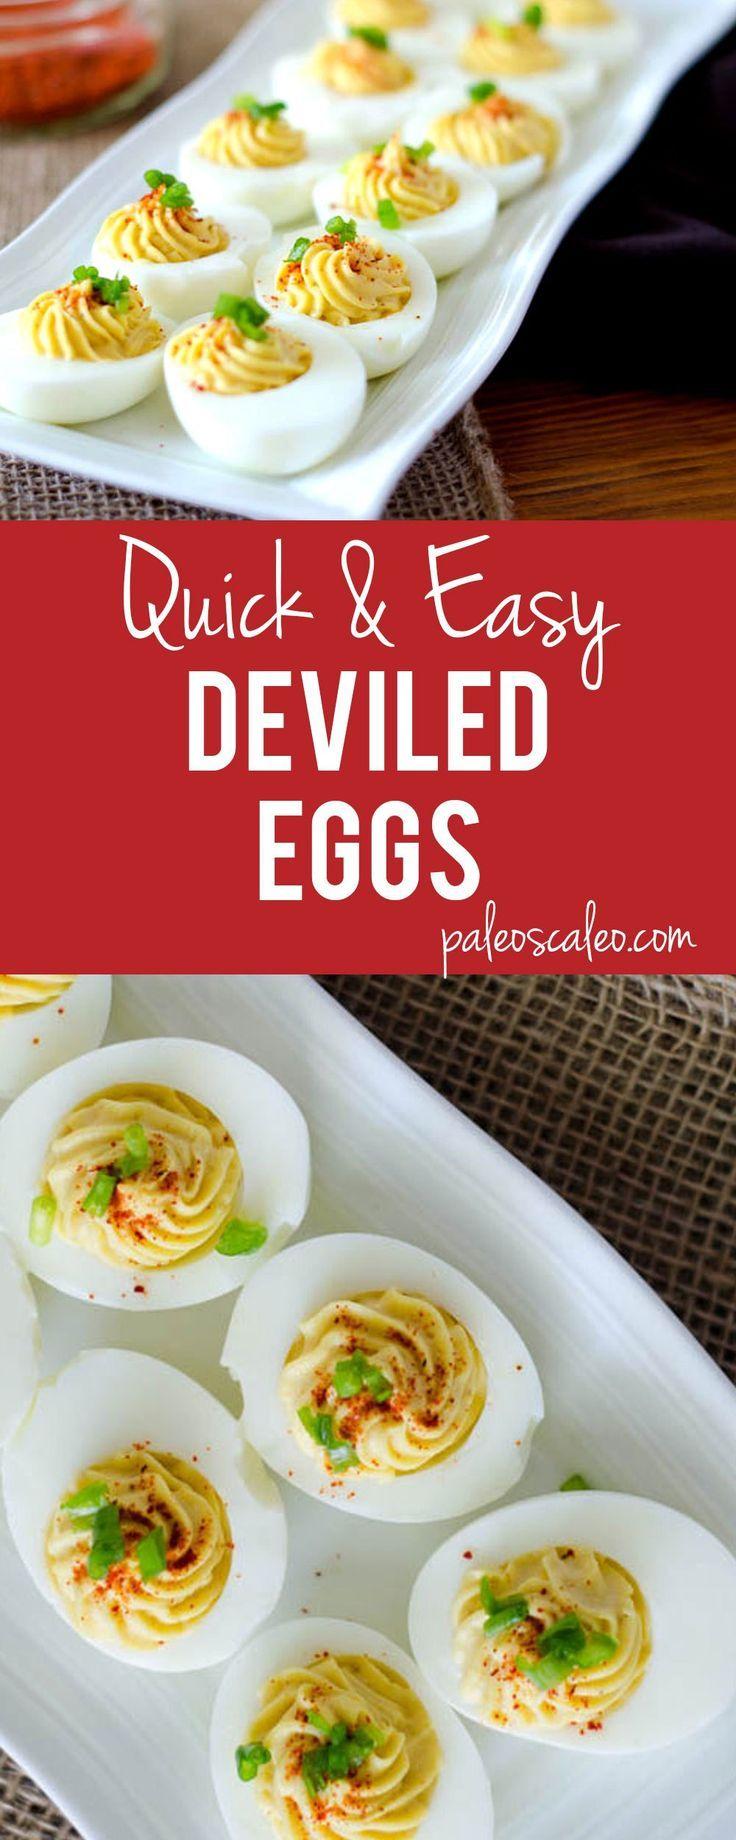 Quick & Easy Deviled Eggs | http://PaleoScaleo.com